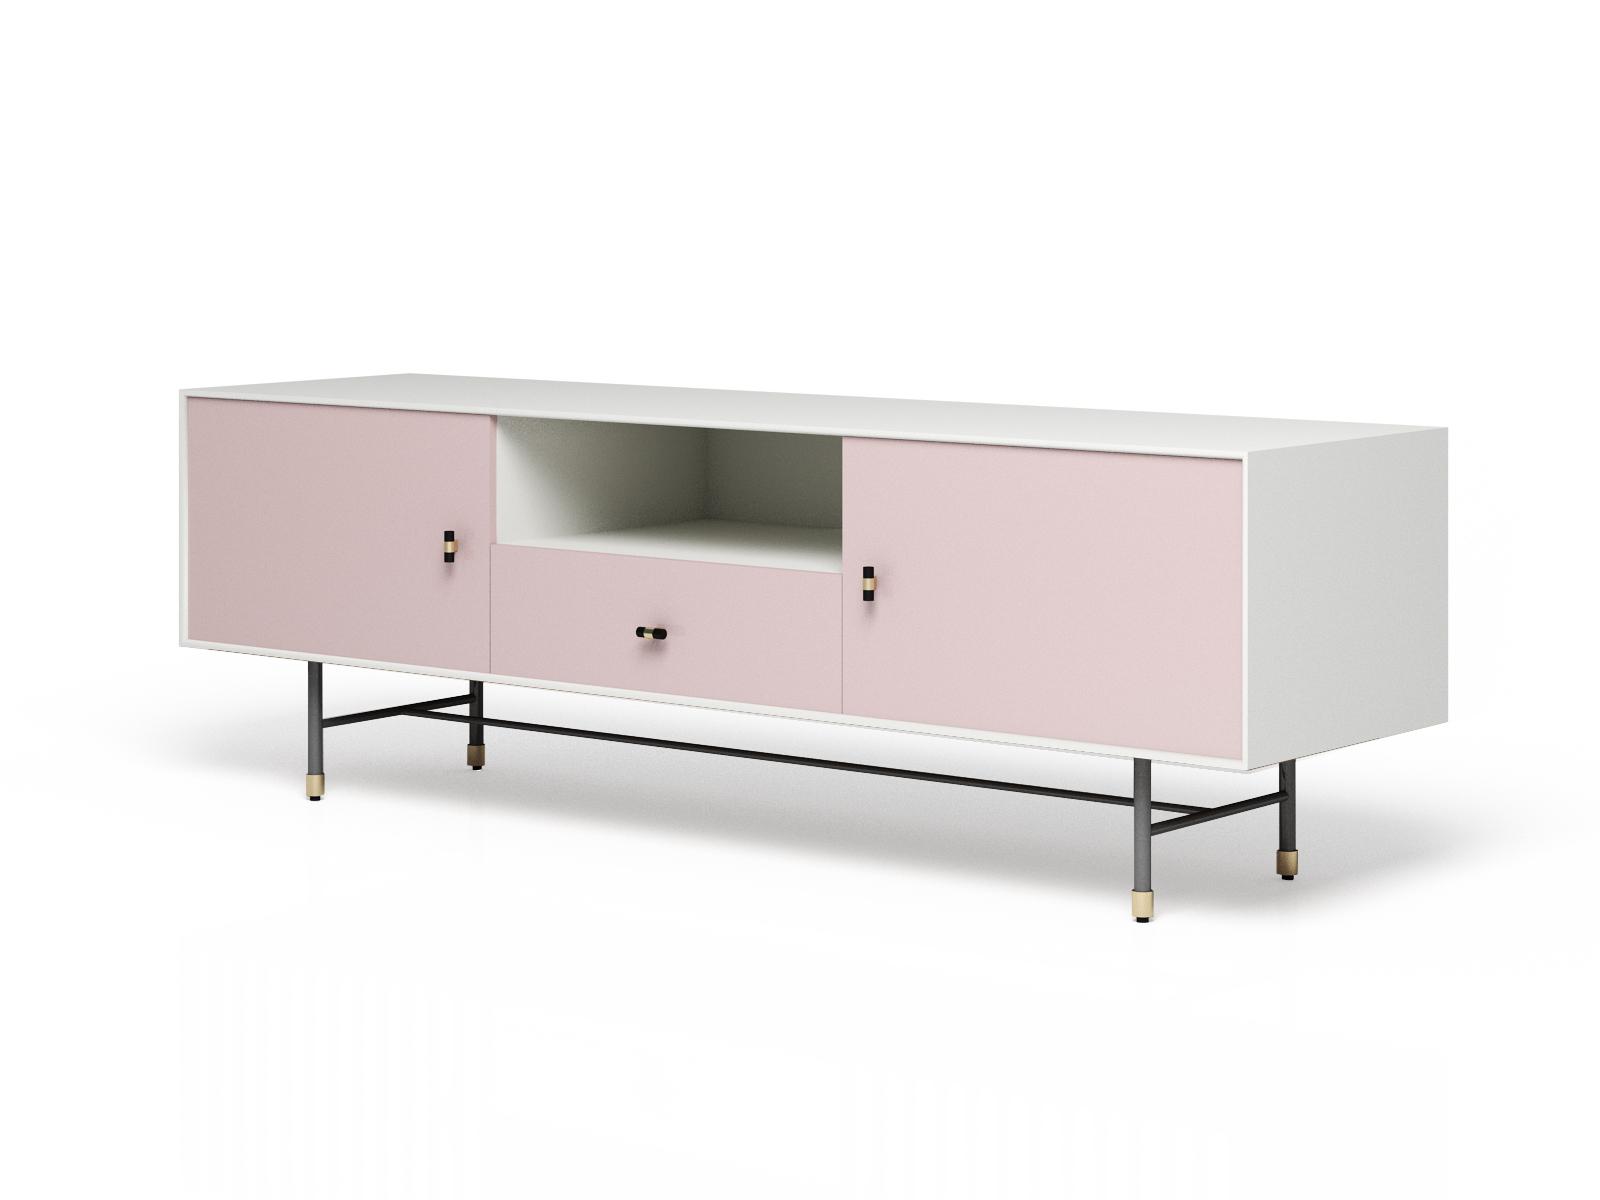 Тумба под тв eastwood (myfurnish) розовый 170x55x45.5 см. фото